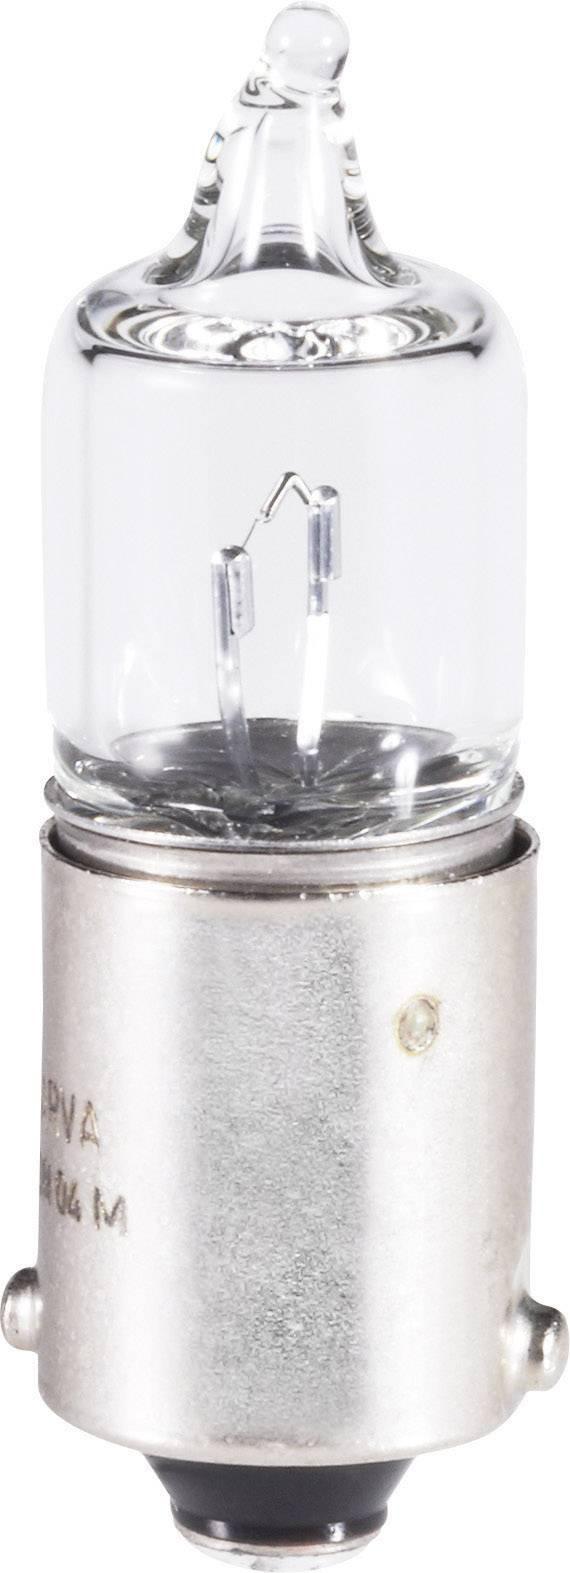 Miniatúrna halogénová žiarovka TRU COMPONENTS 12 V, 20 W, 1.66 A, 1 ks